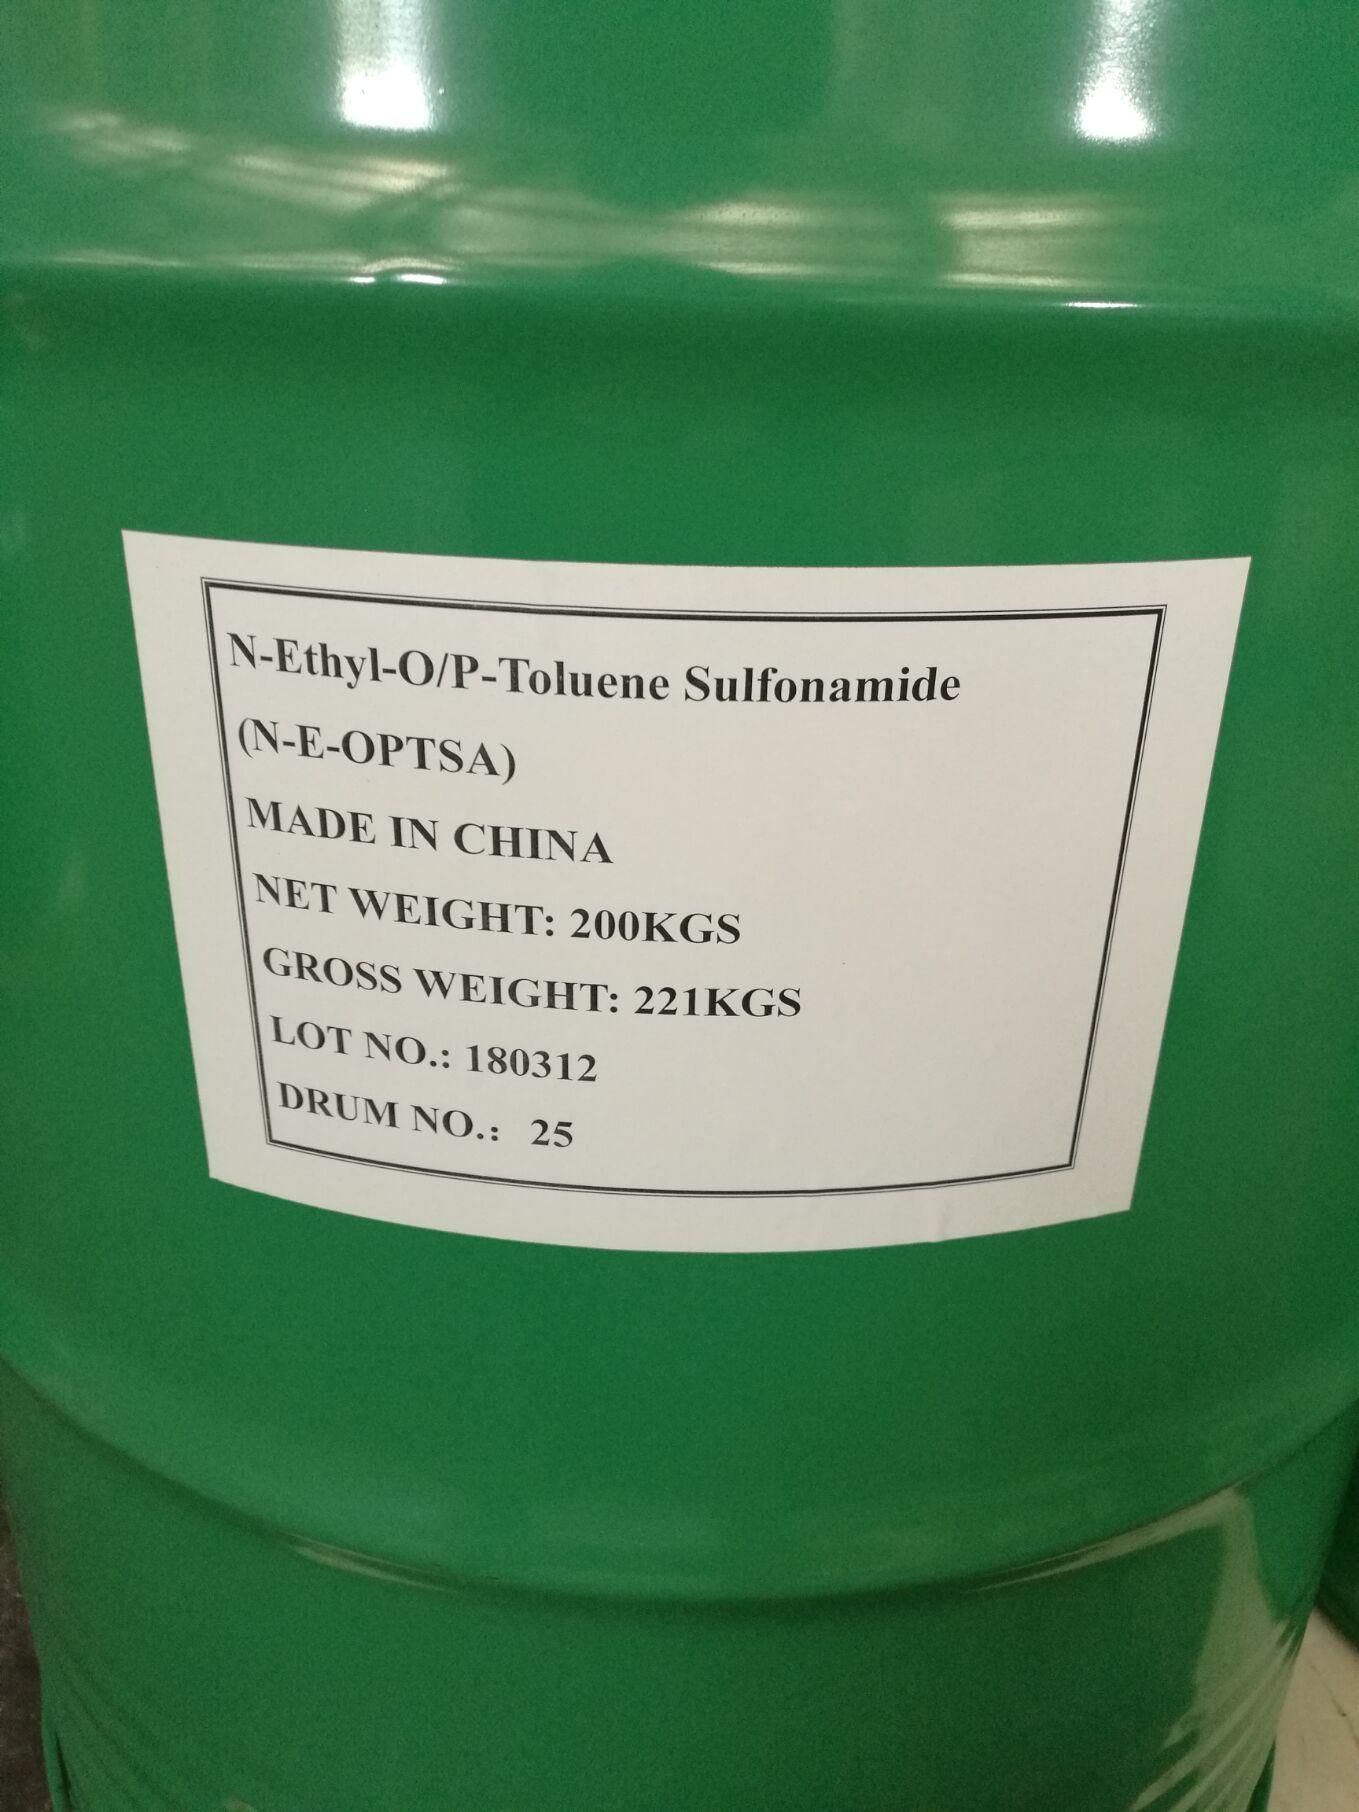 N-Ethyl-O/P-Toluene Sulfonamide (N-E-OPTSA)